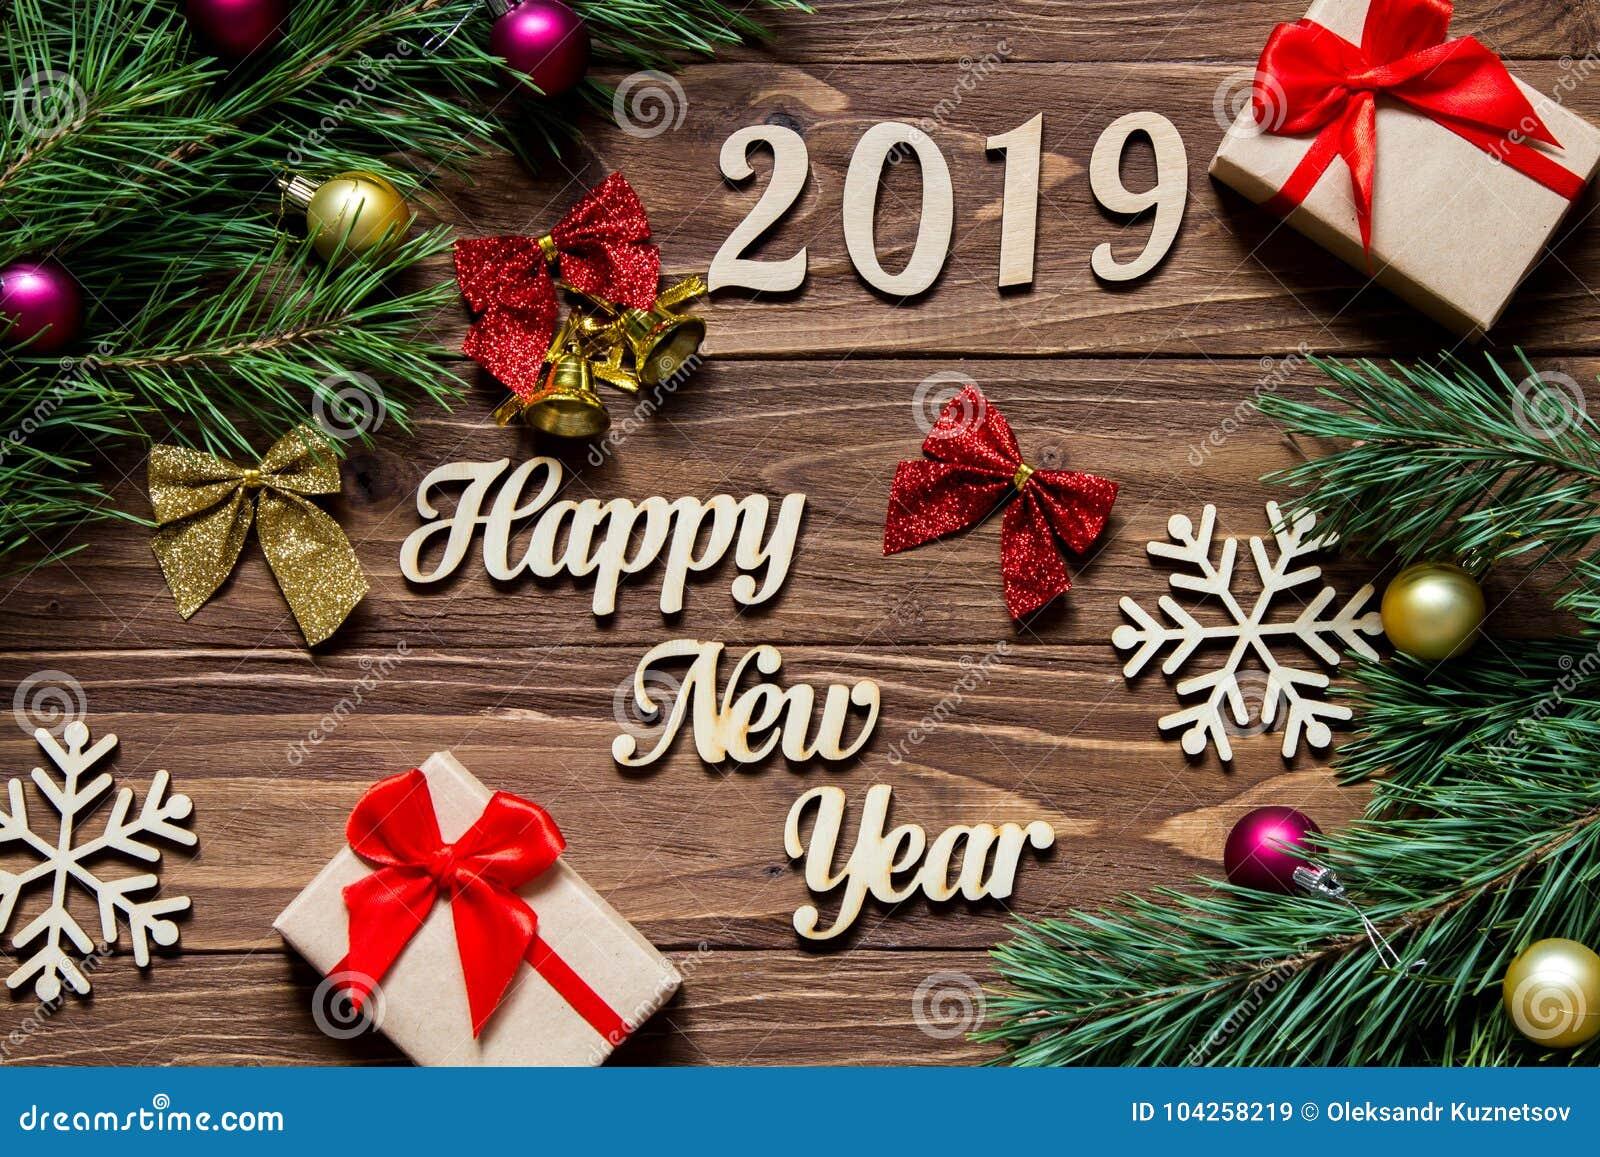 Рождество | Новый год - 2019 в 2019 году